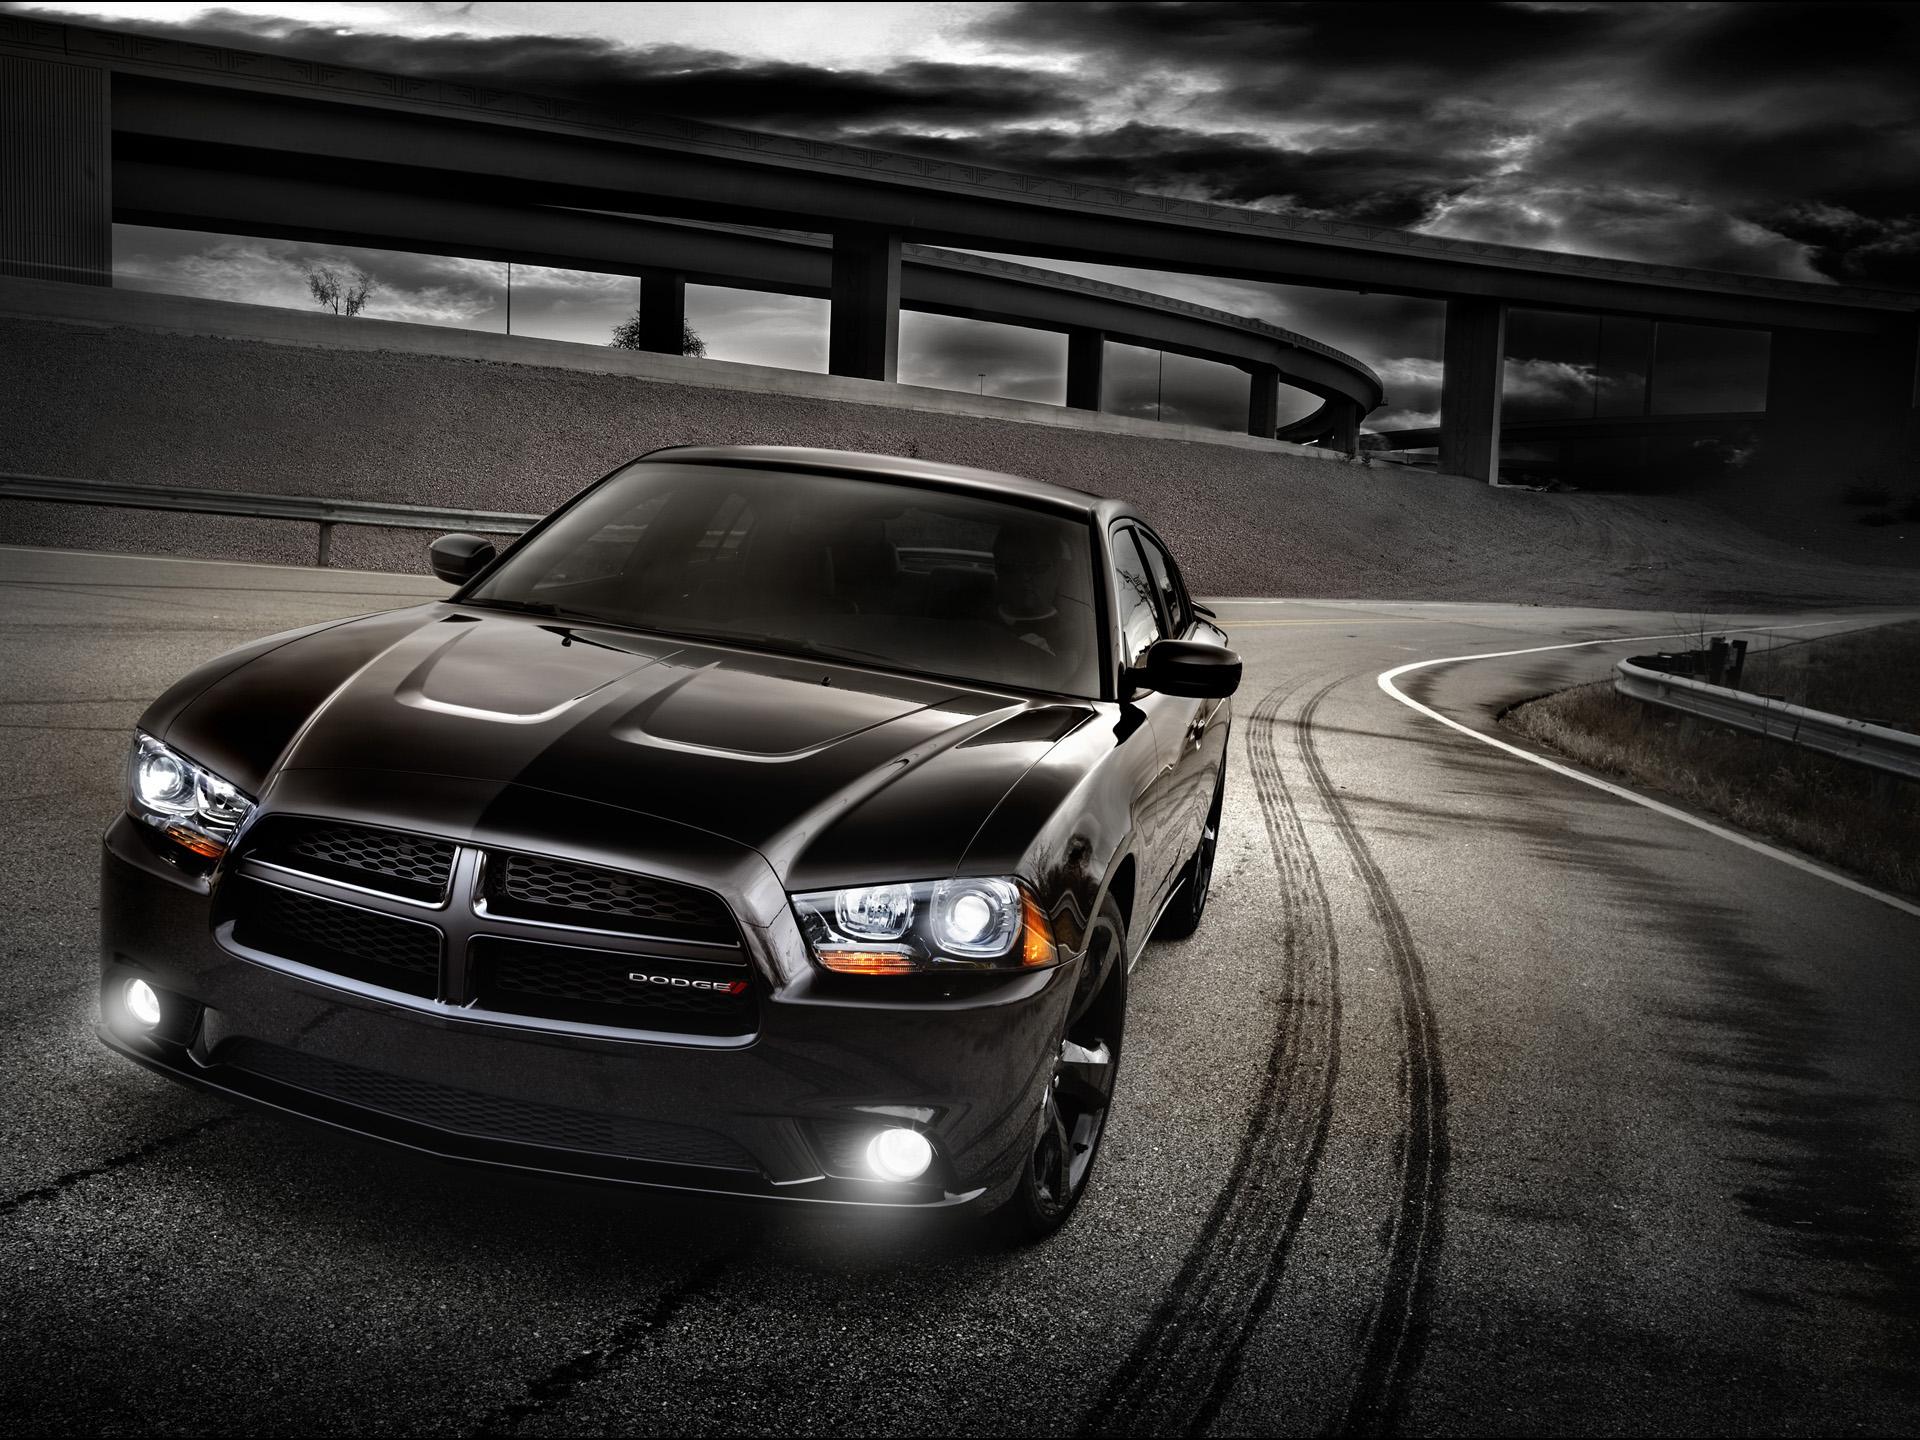 Black Dodge Charger Wallpaper 20203